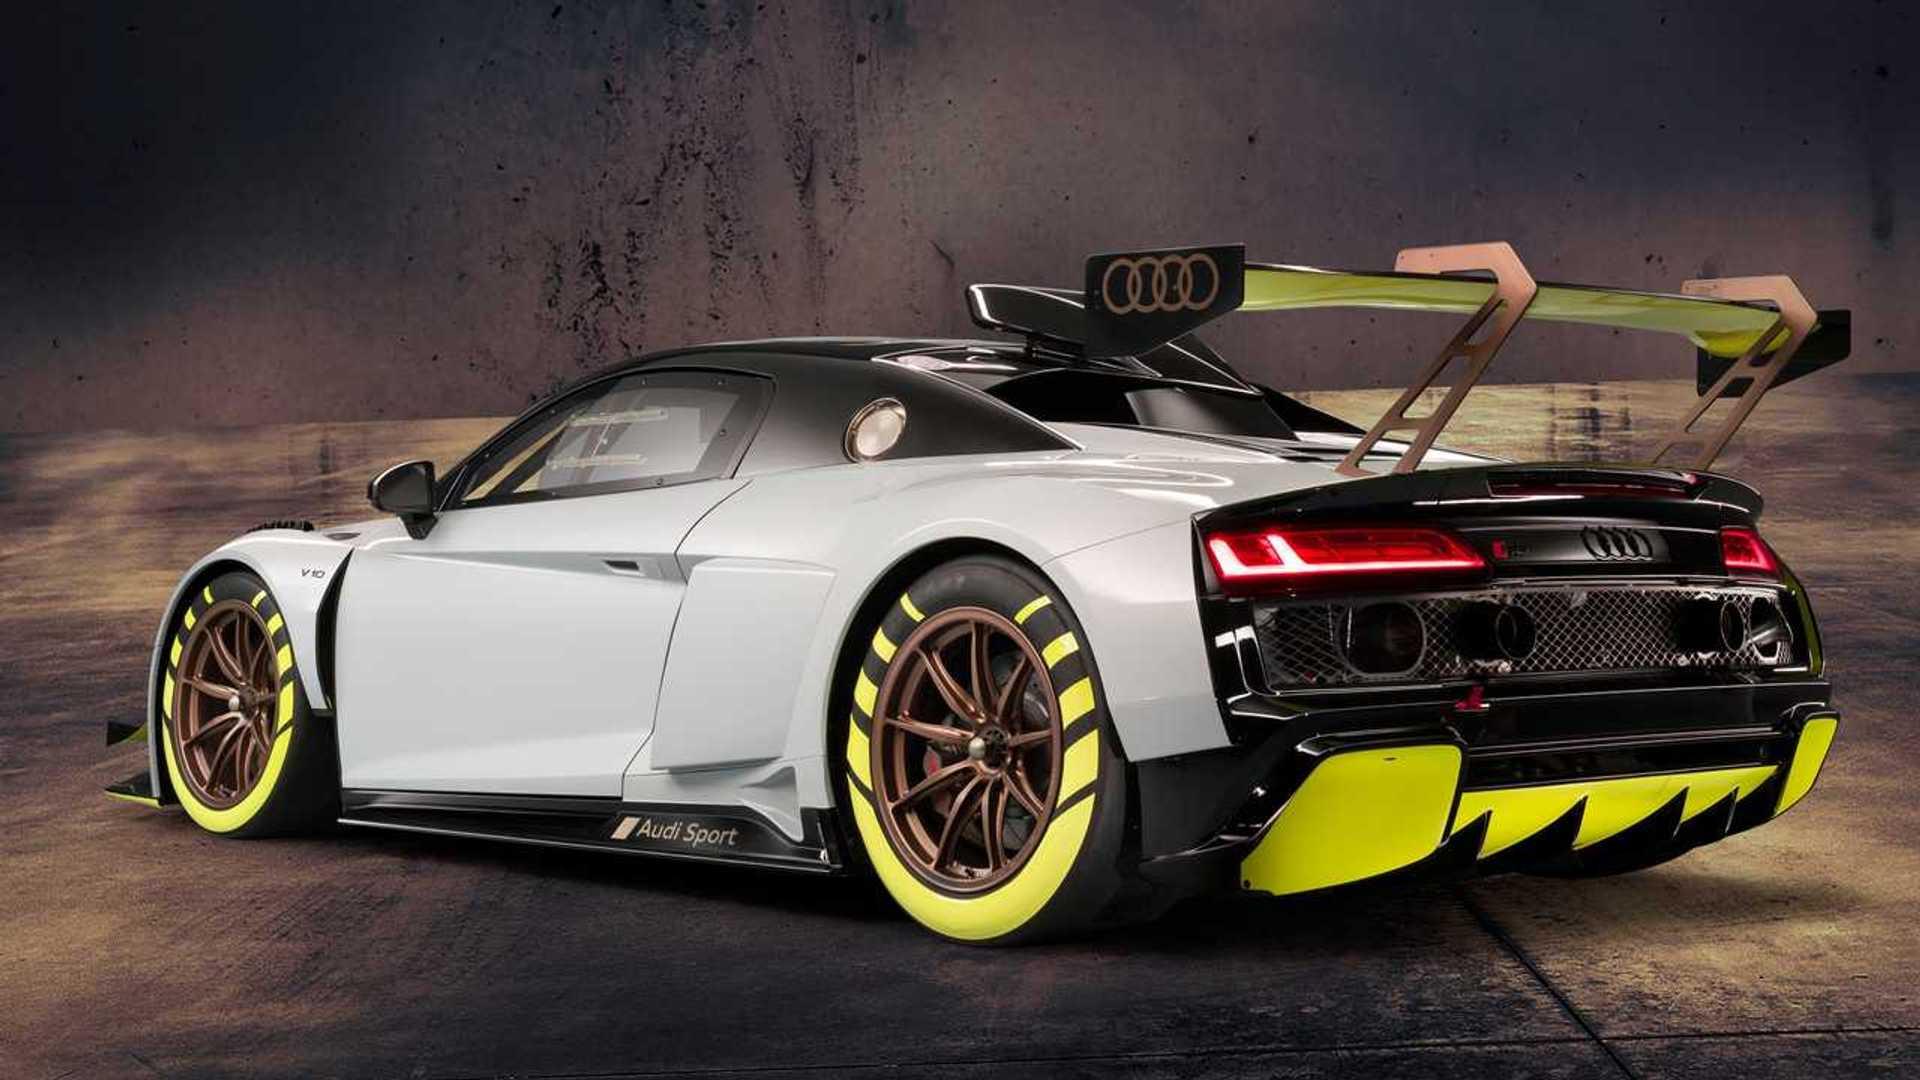 Kelebihan Kekurangan Audi R8 Gt2 Top Model Tahun Ini